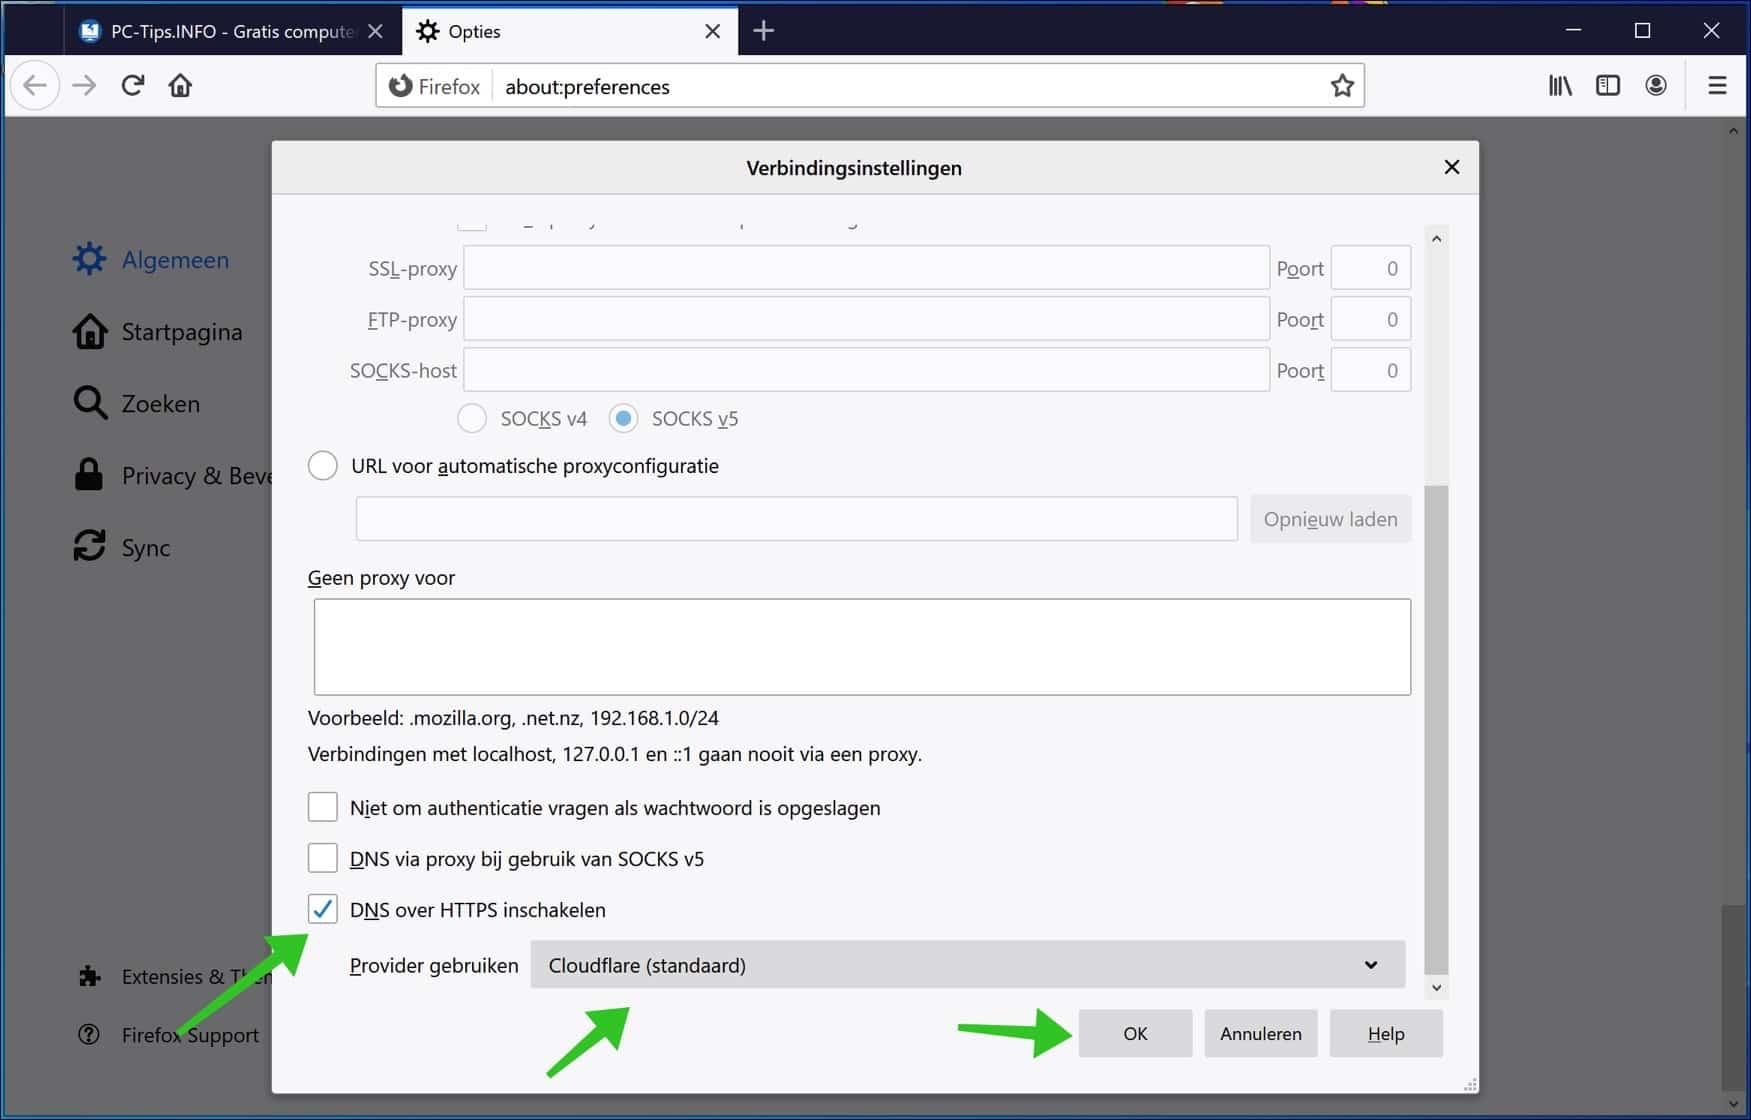 DNS over HTTPS inschakelen Firefox